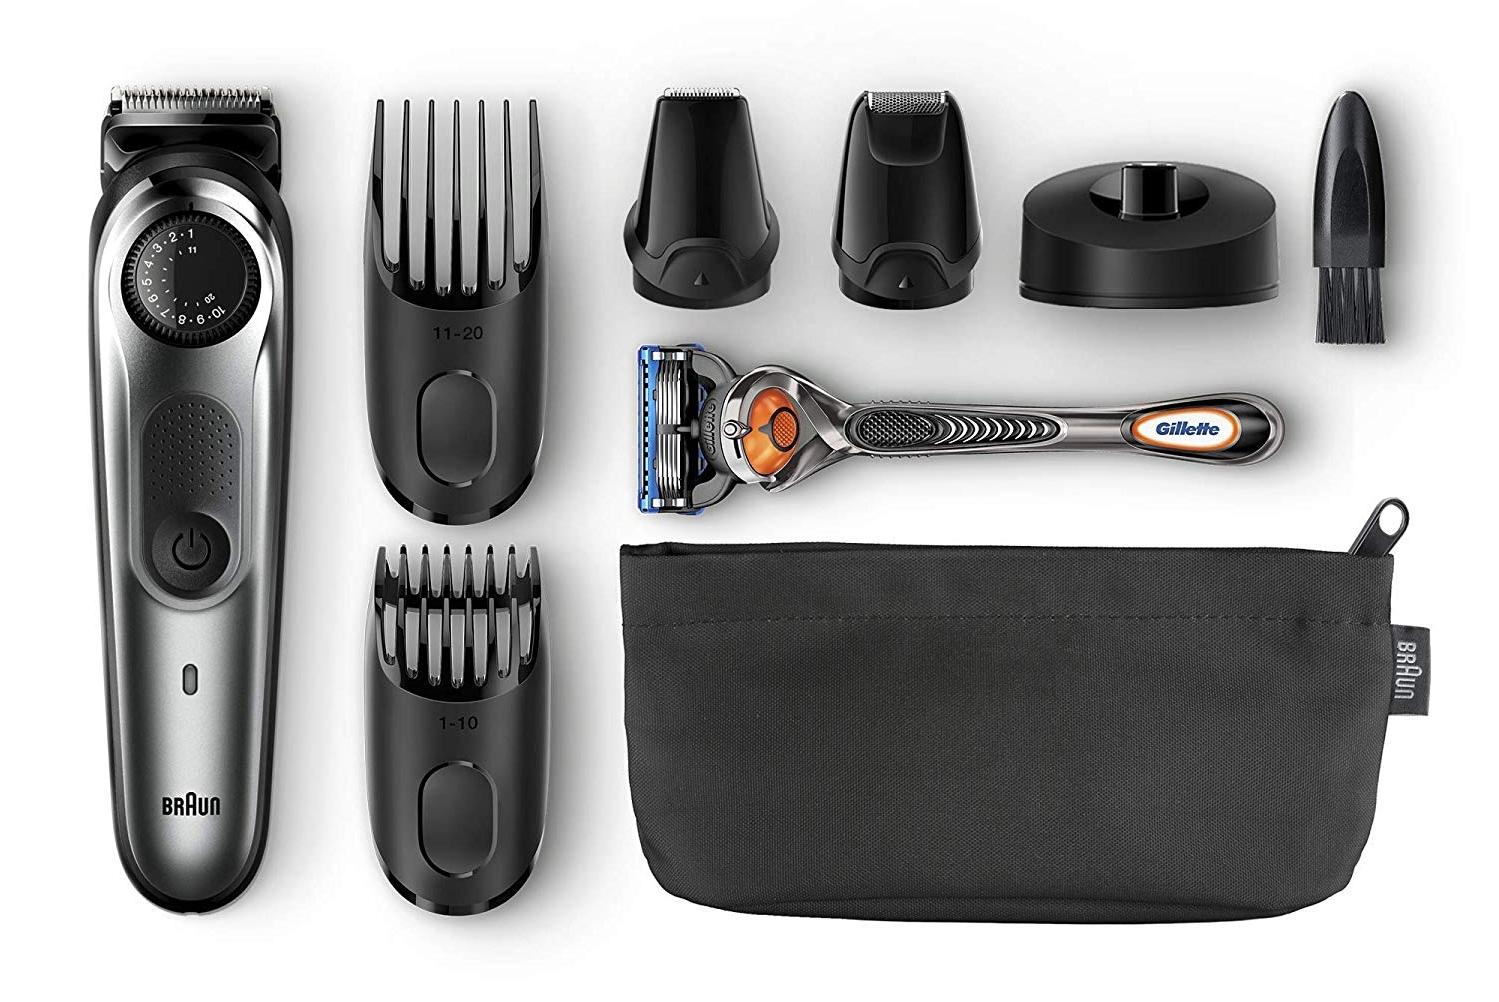 Recortador-de-barba-y-cortapelos-Braun-BT7040-todo-lo-que-incluye.jpg